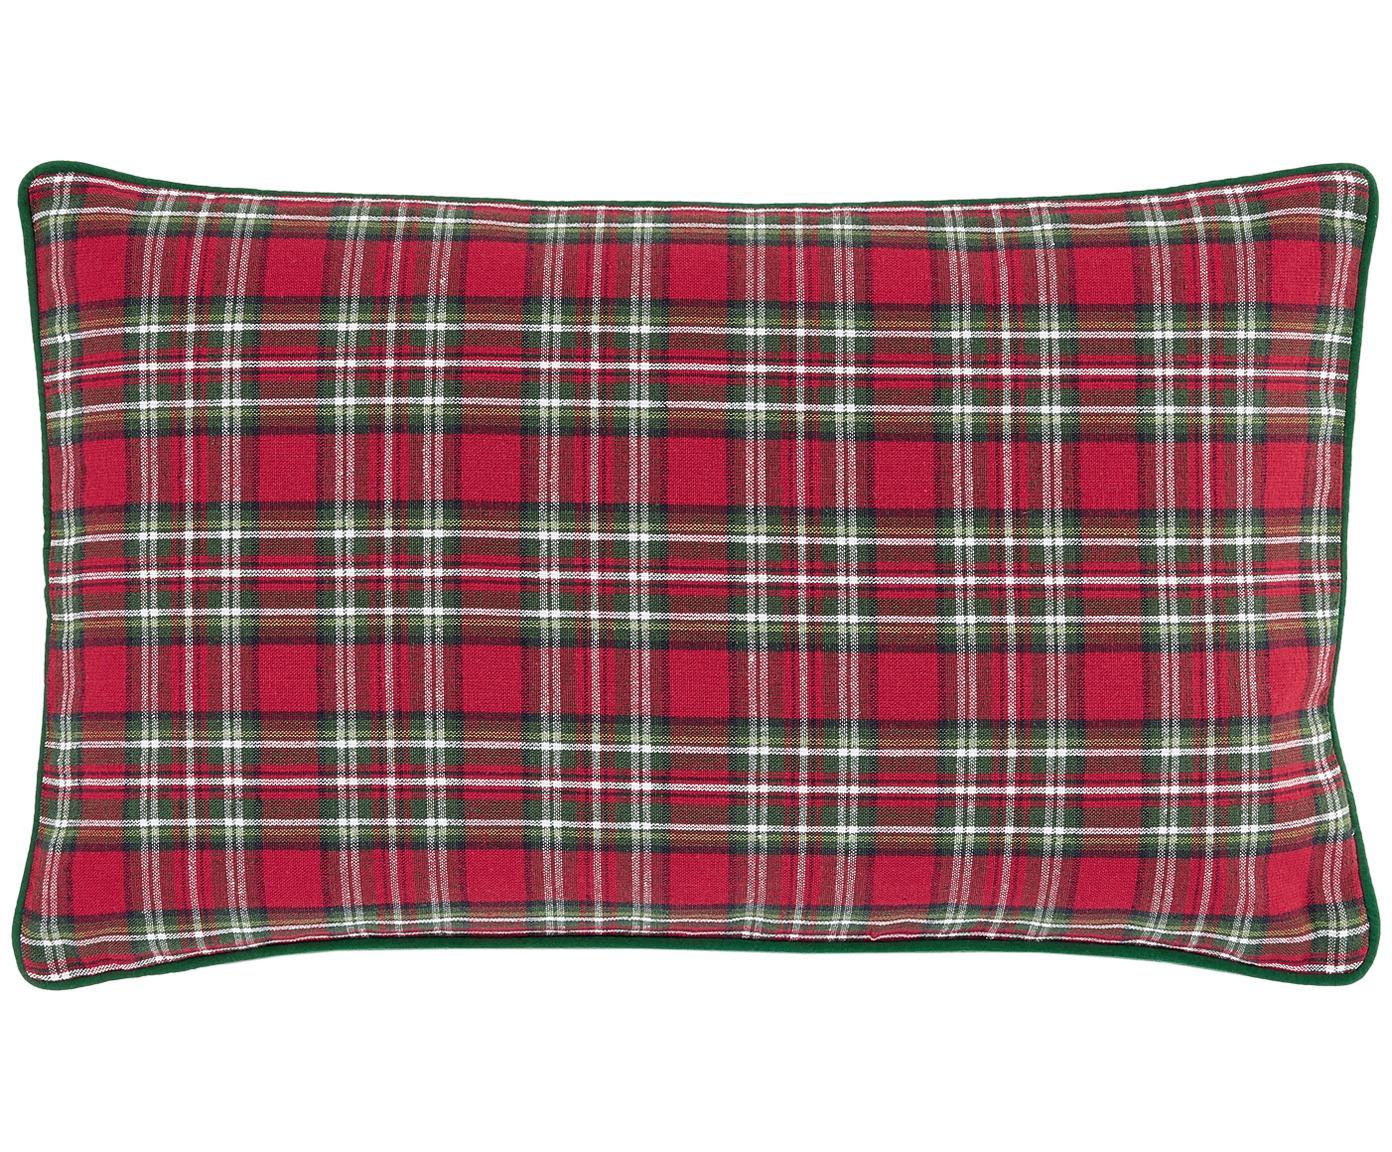 Poszewka na poduszkę Tartan, 100% bawełna, Czerwony, ciemny zielony, S 30 x D 50 cm